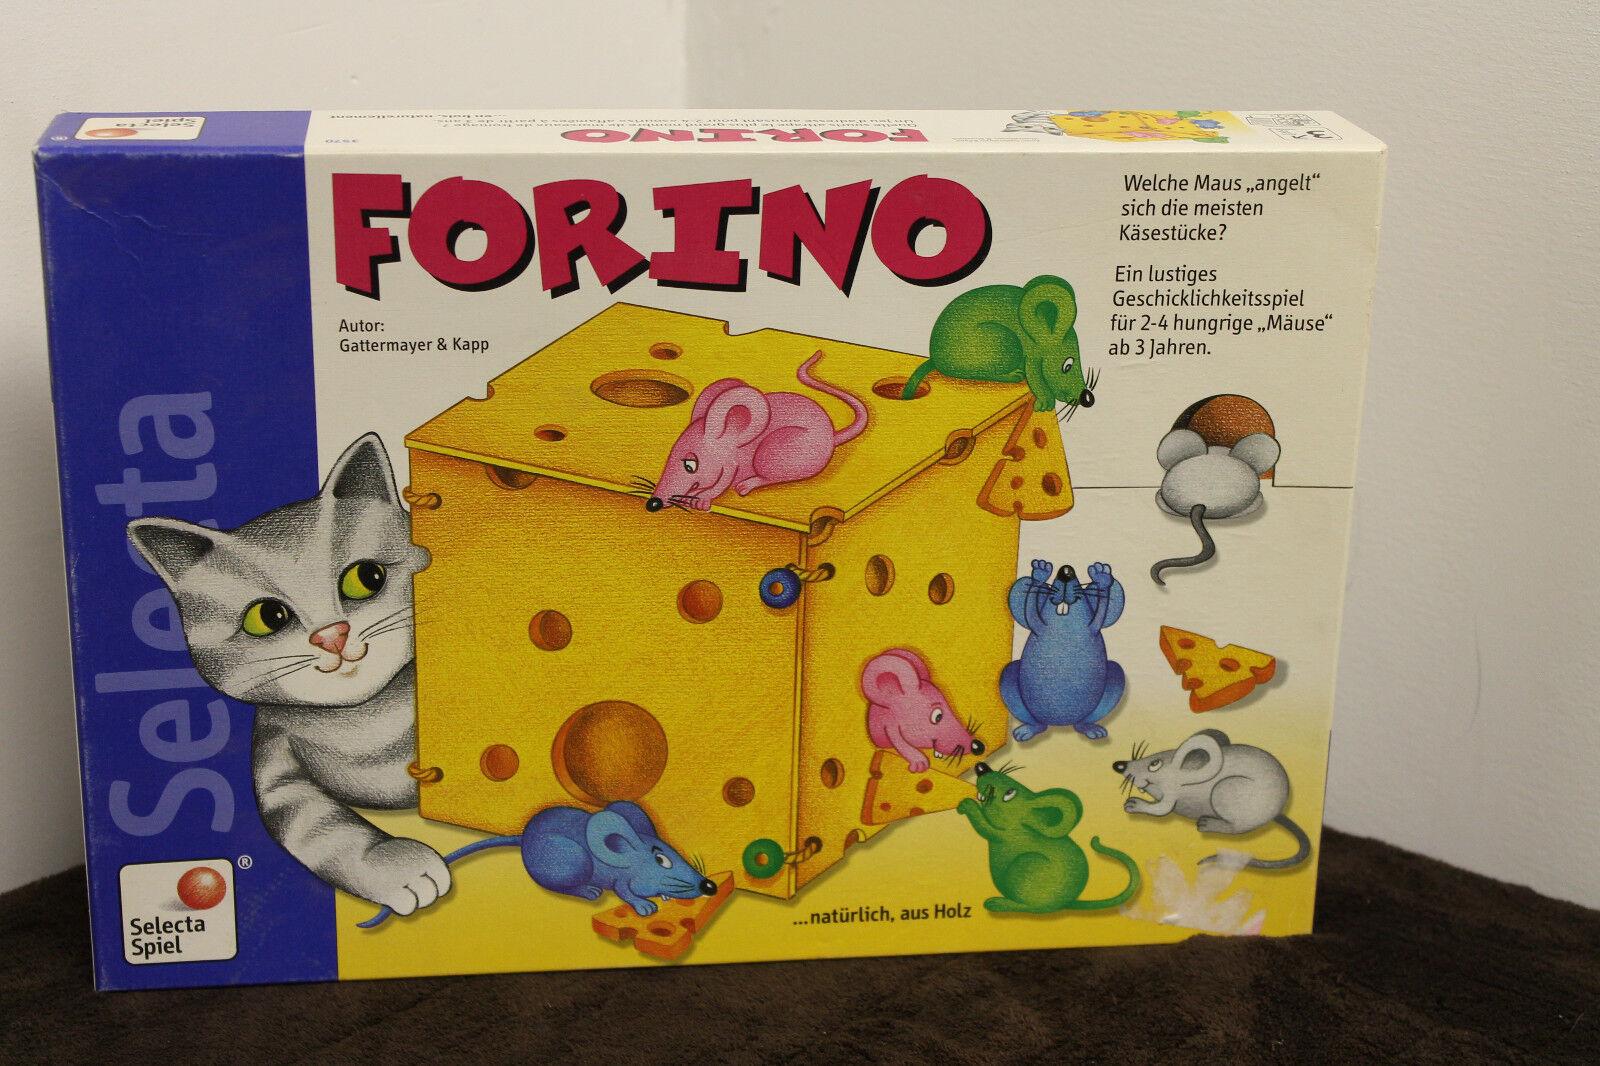 RARE RARE RARE Italian Forino Board Game - Used 100% Complete In Excellent Condition ca33af